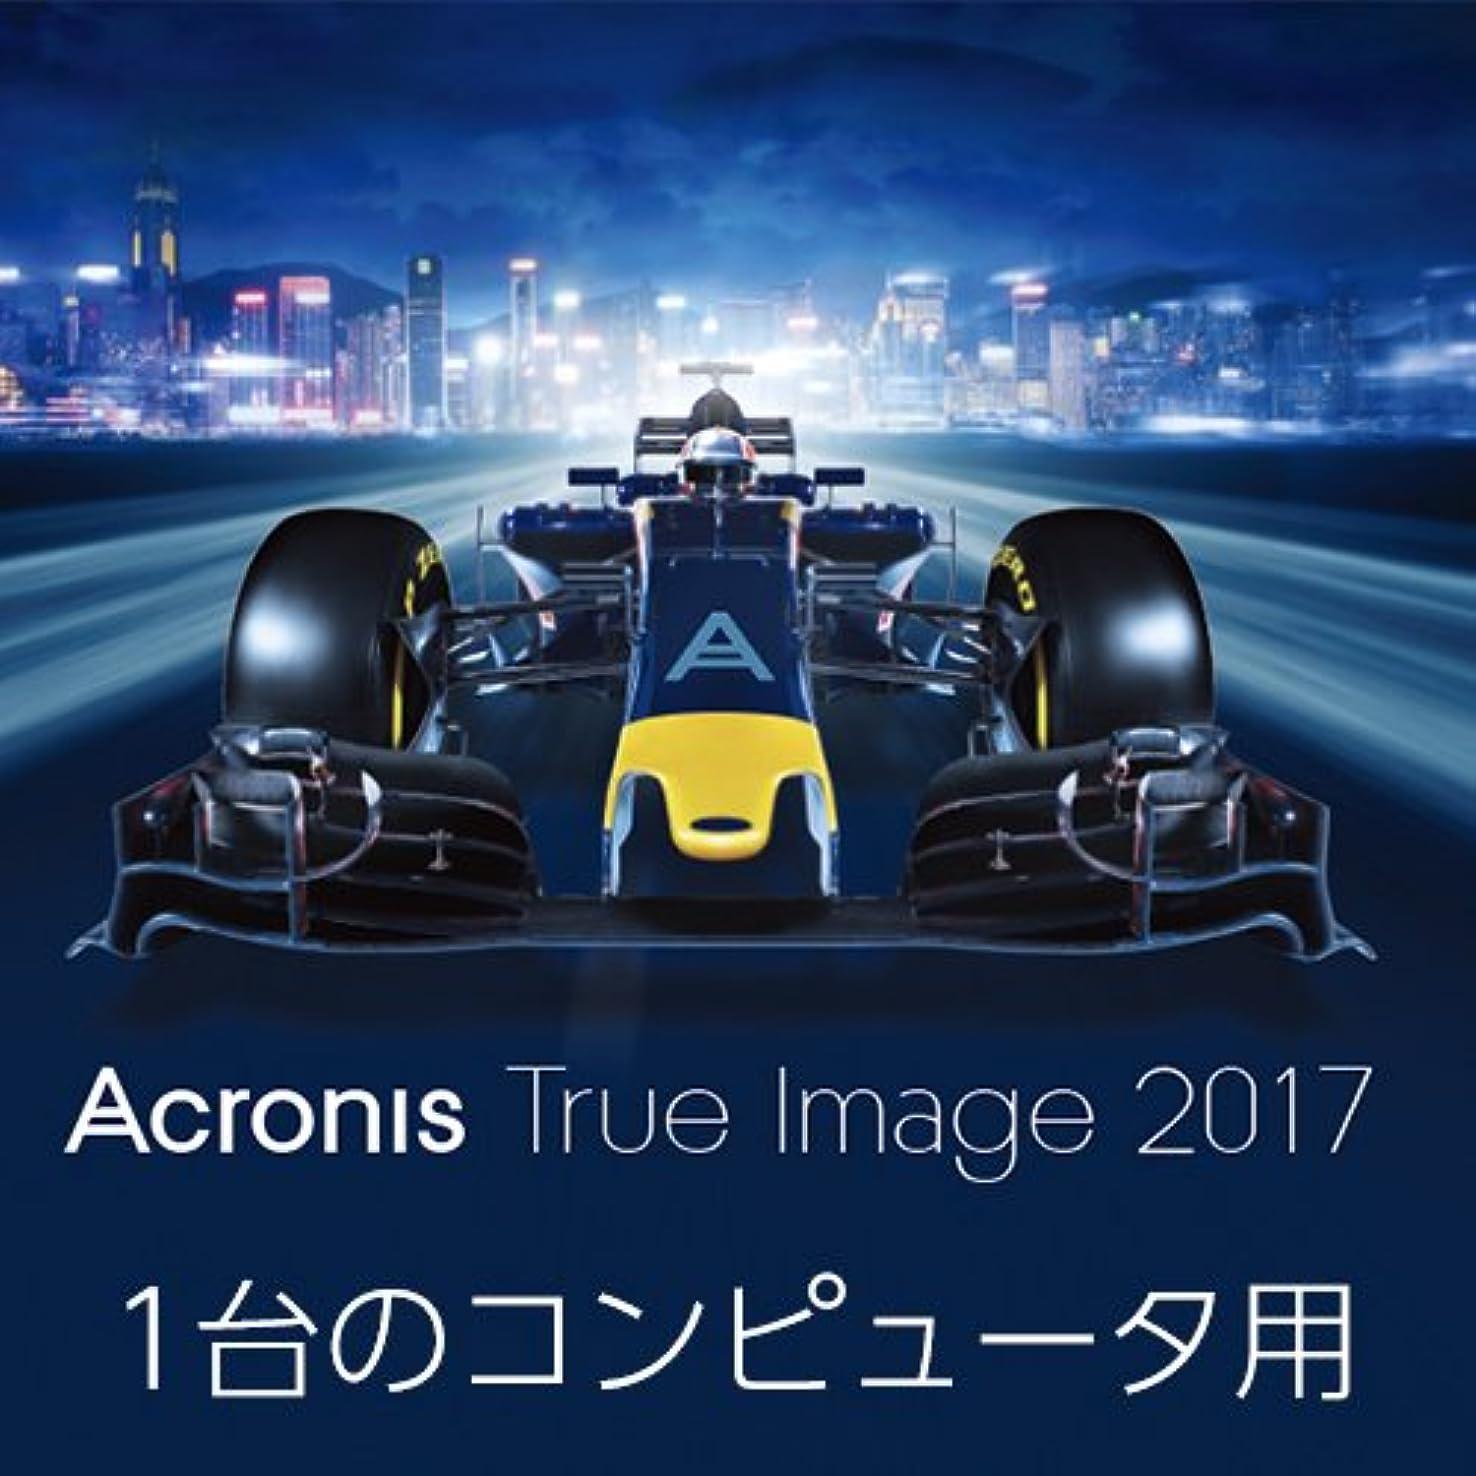 語はねかける事実Acronis True Image 2017 - 1 Computer (ダウンロード版)|ダウンロード版